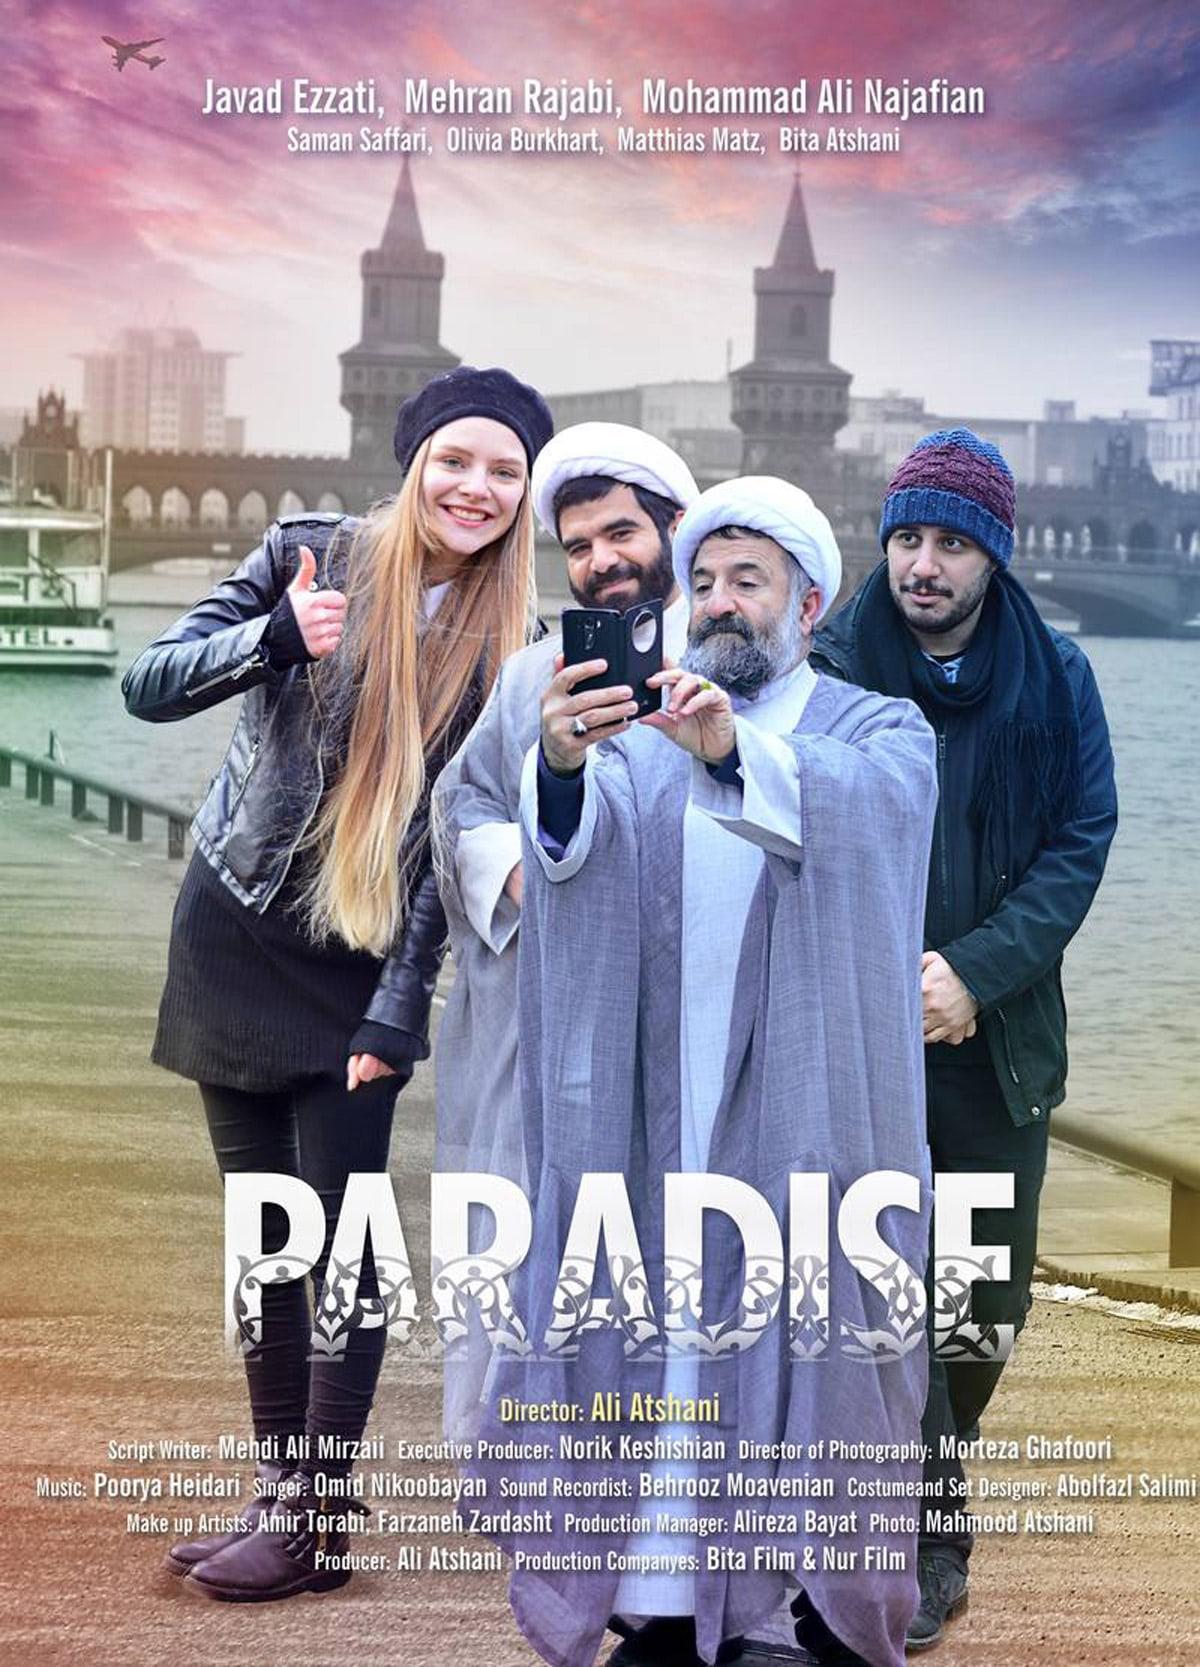 نقد فیلم پارادایس